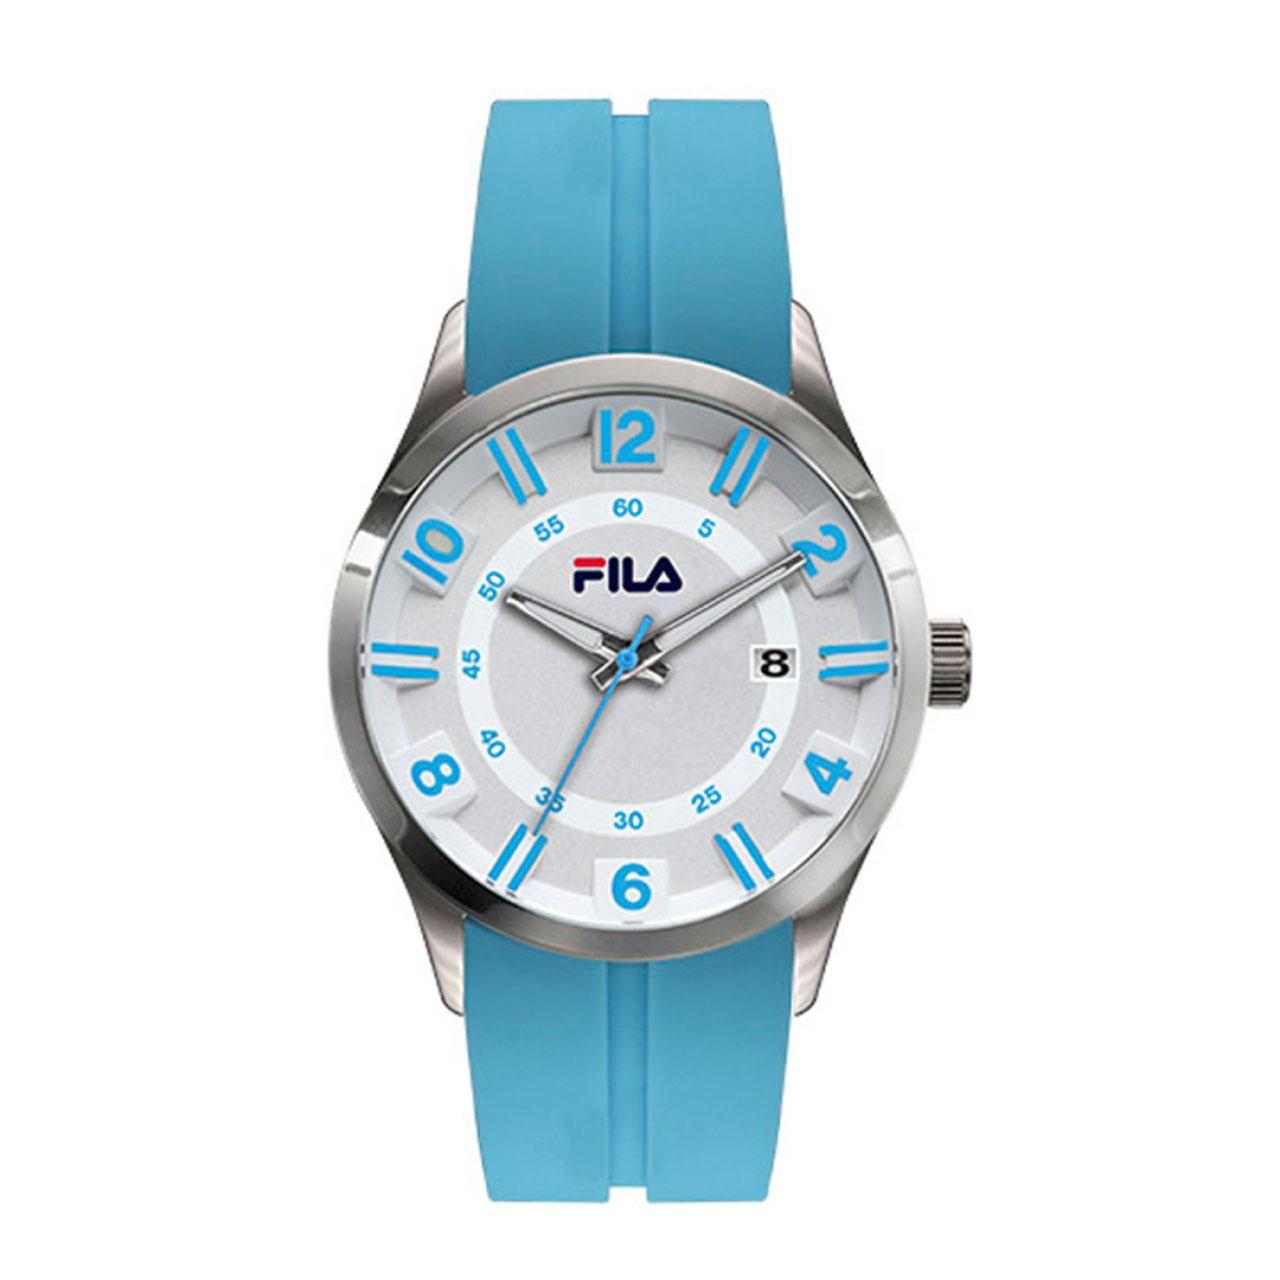 ساعت مچی عقربه ای فیلا مدل 38-064-003